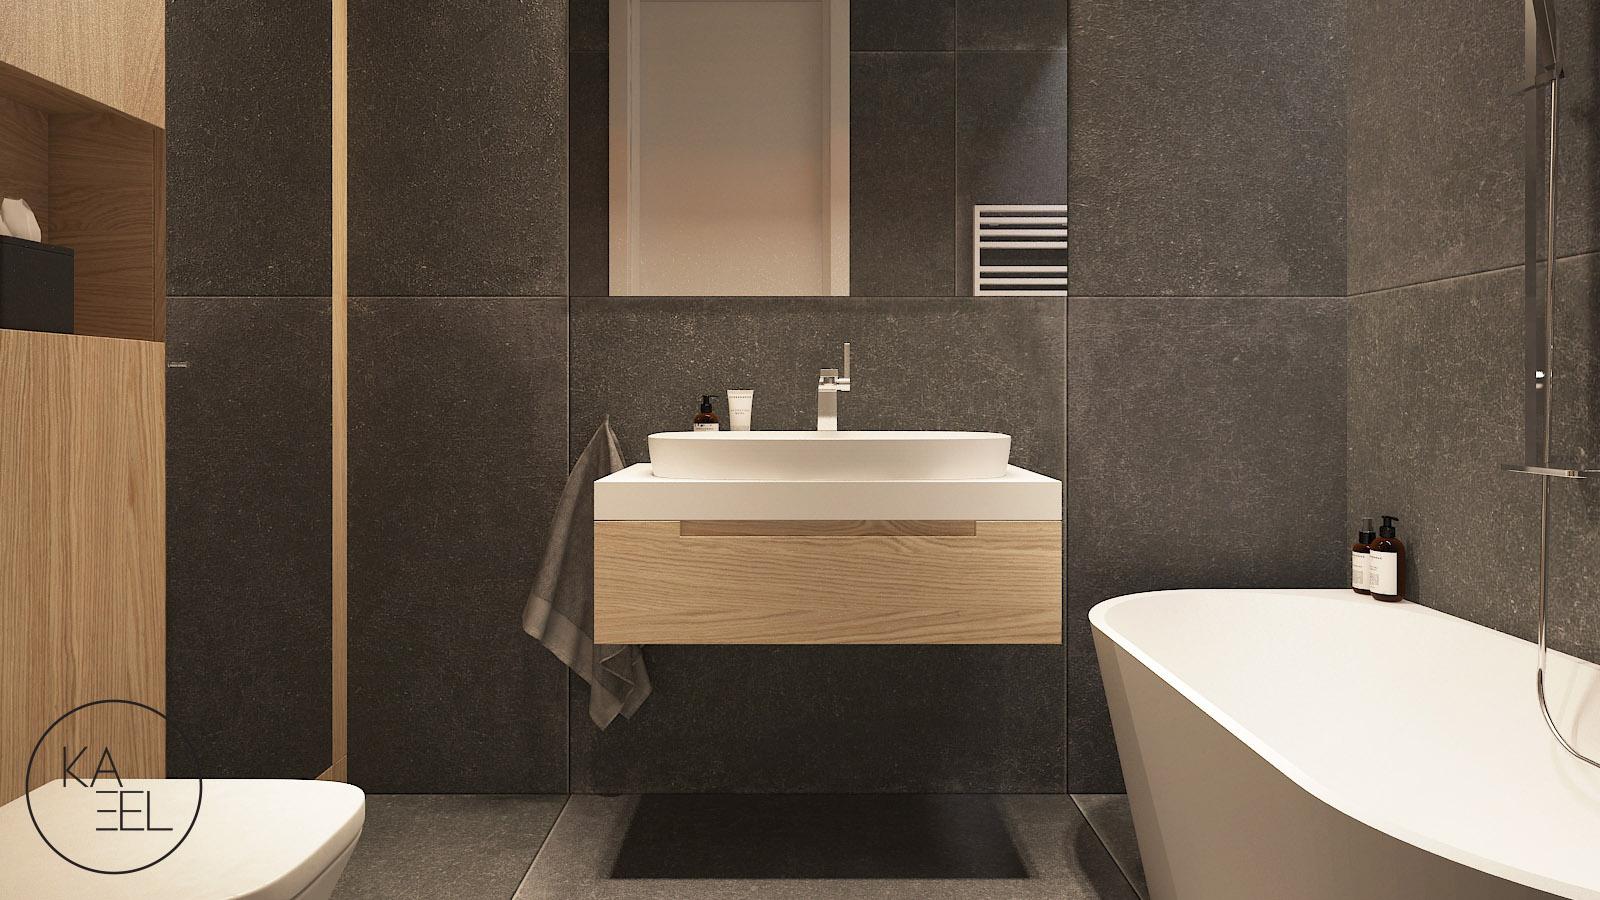 Wolnostojąca umywalka w łazience